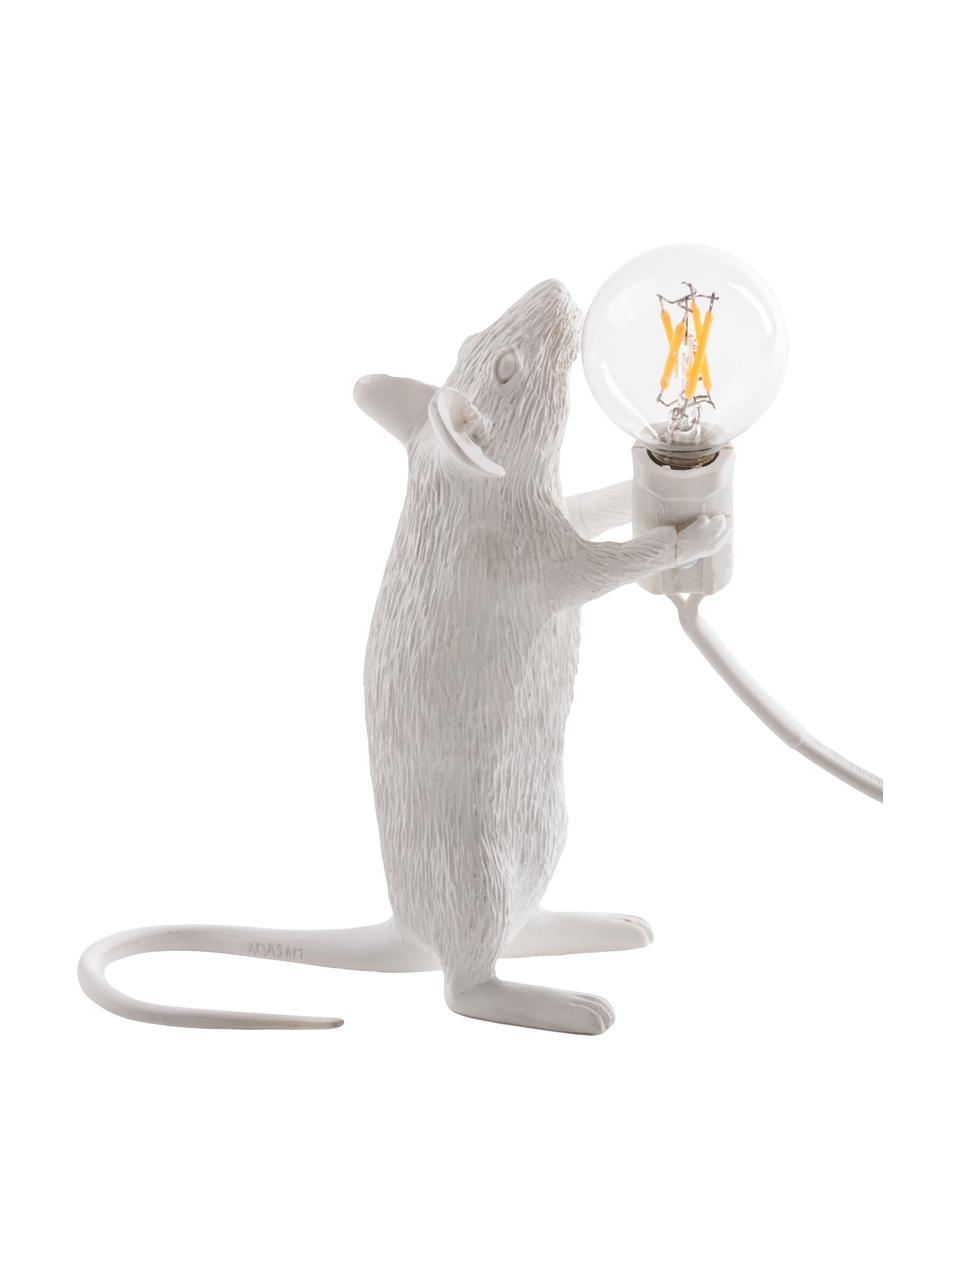 Lampada da tavolo a LED Mouse, Lampada: resina sintetica, Bianco, Larg. 6 x Alt. 15 cm